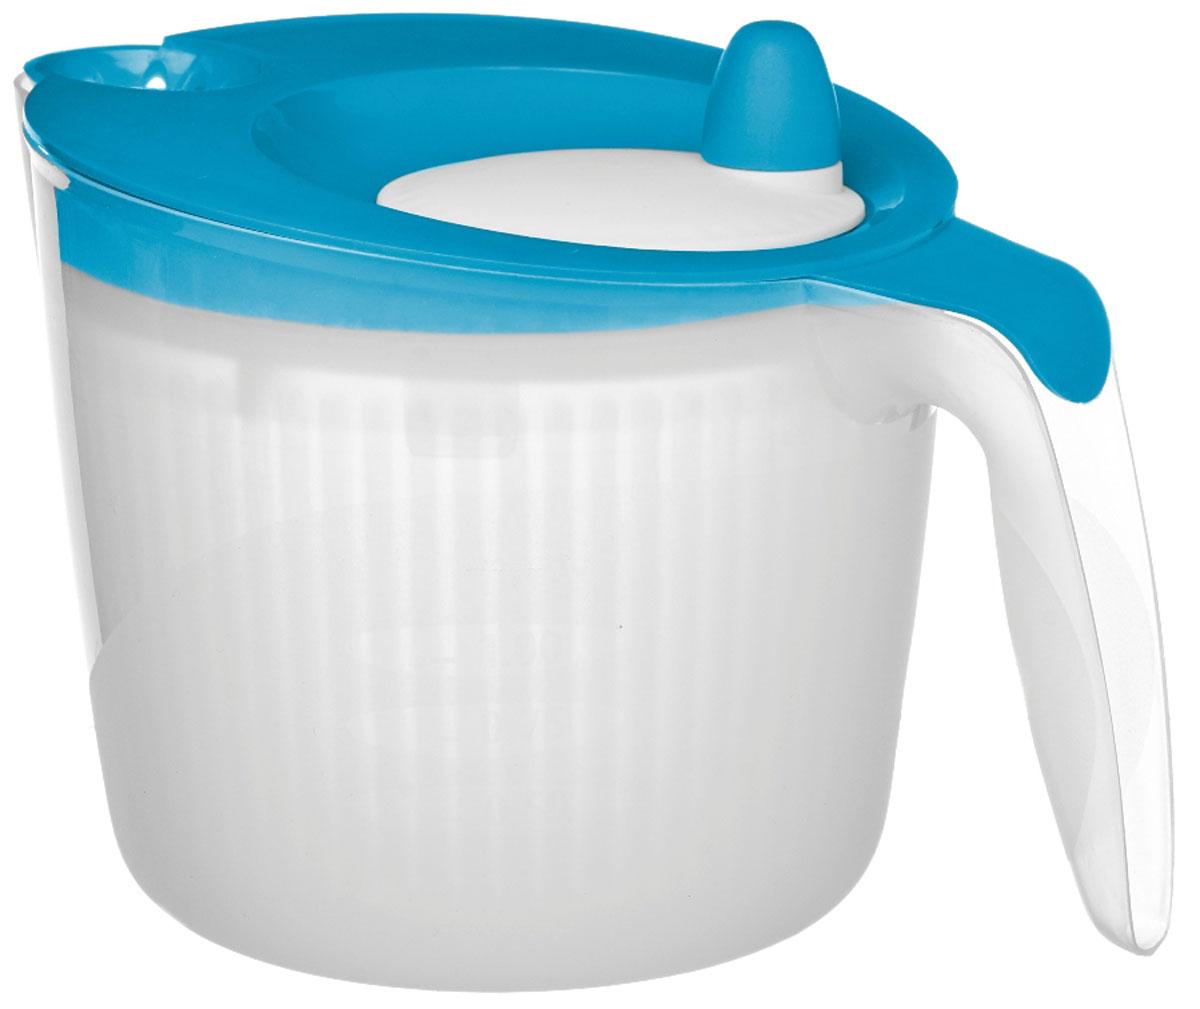 Сушилка для салата Walmer Rainbow, цвет: голубой, 1,8 л68/5/2Сушилка для салата Walmer Rainbow - незаменимая вещь на кухне. Обсушивать в ней можно, конечно же, не только салат, но любую зелень: петрушку, укроп, перья лука, рукколу. Объем сушилки - 1,8 литра, а значит, вы сможете высушить за раз большой пучок зелени. Внутри сушилки находится вращающаяся сетчатая емкость. На крышке - ручка, которая эту емкость раскручивает. Положите зелень в сушилку, закройте крышку и прокрутите несколько раз ручку. Центрифуга внутри раскрутится и буквально стряхнет всю влагу с зелени.Сушилка для салата Walmer Rainbow непременно понравится каждой хозяйке.